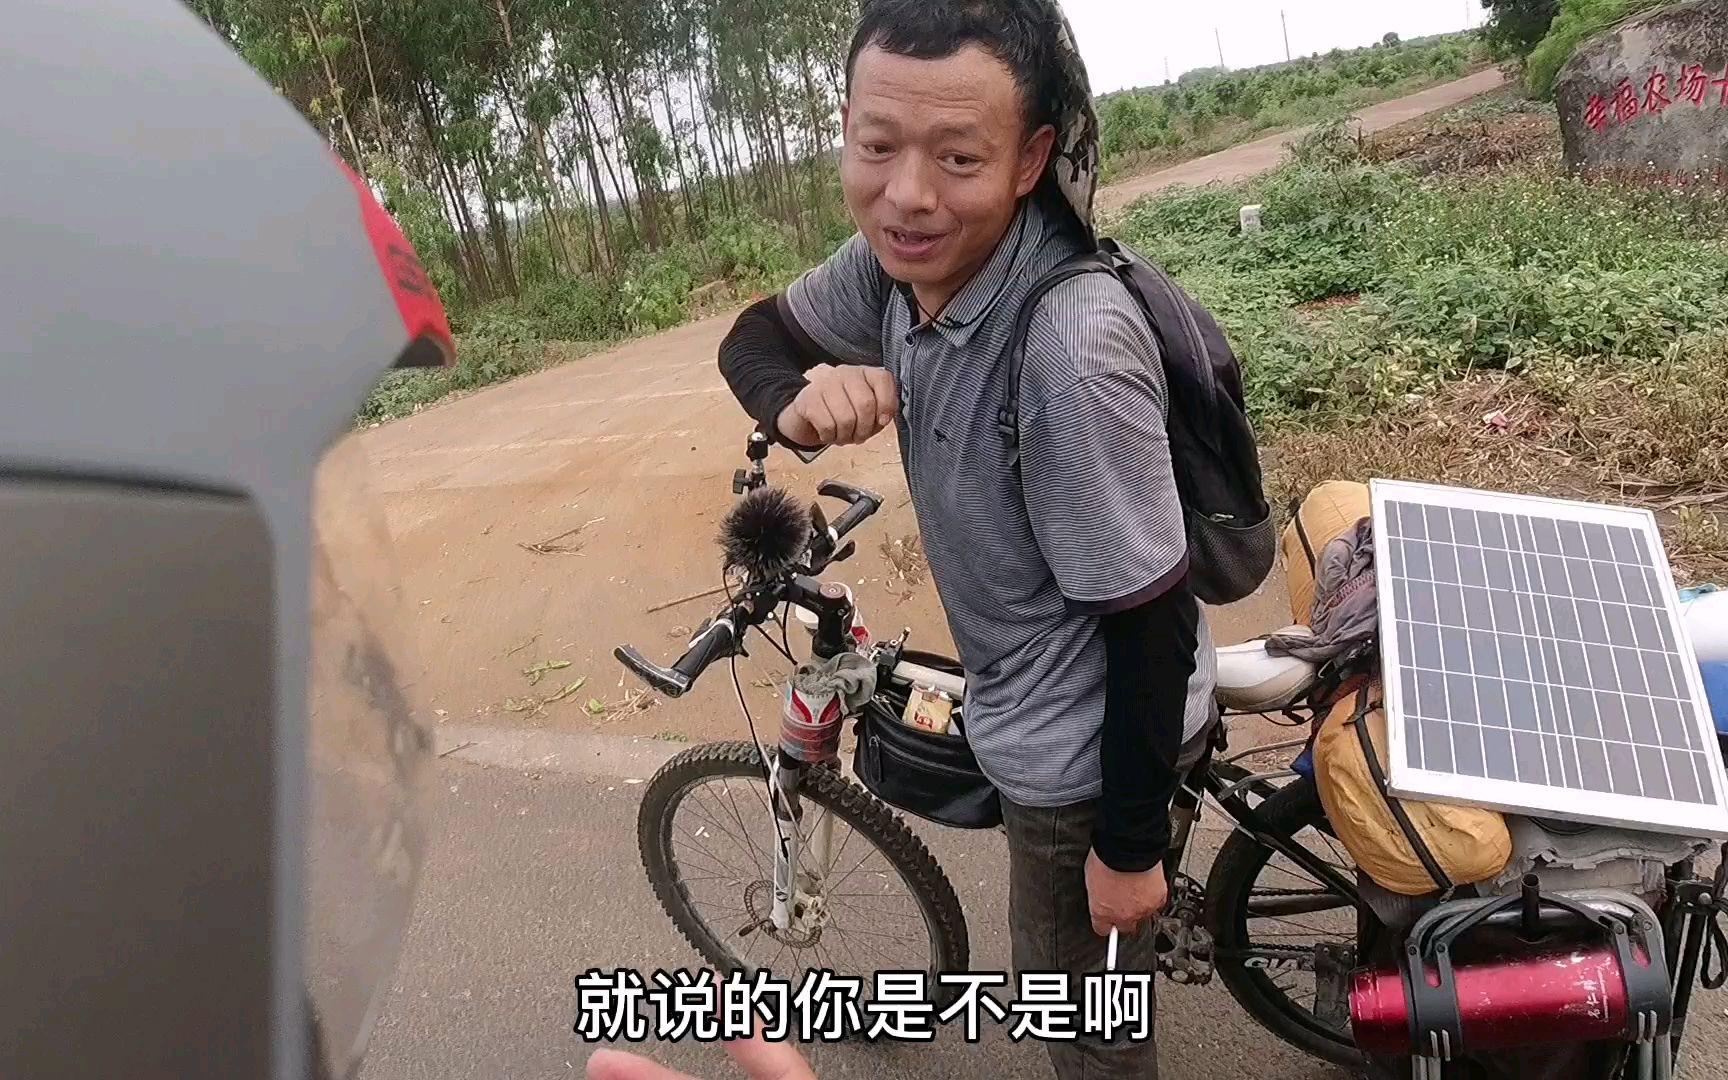 偶遇一个骑自行车旅行的骑友,居然每天只花费5块钱